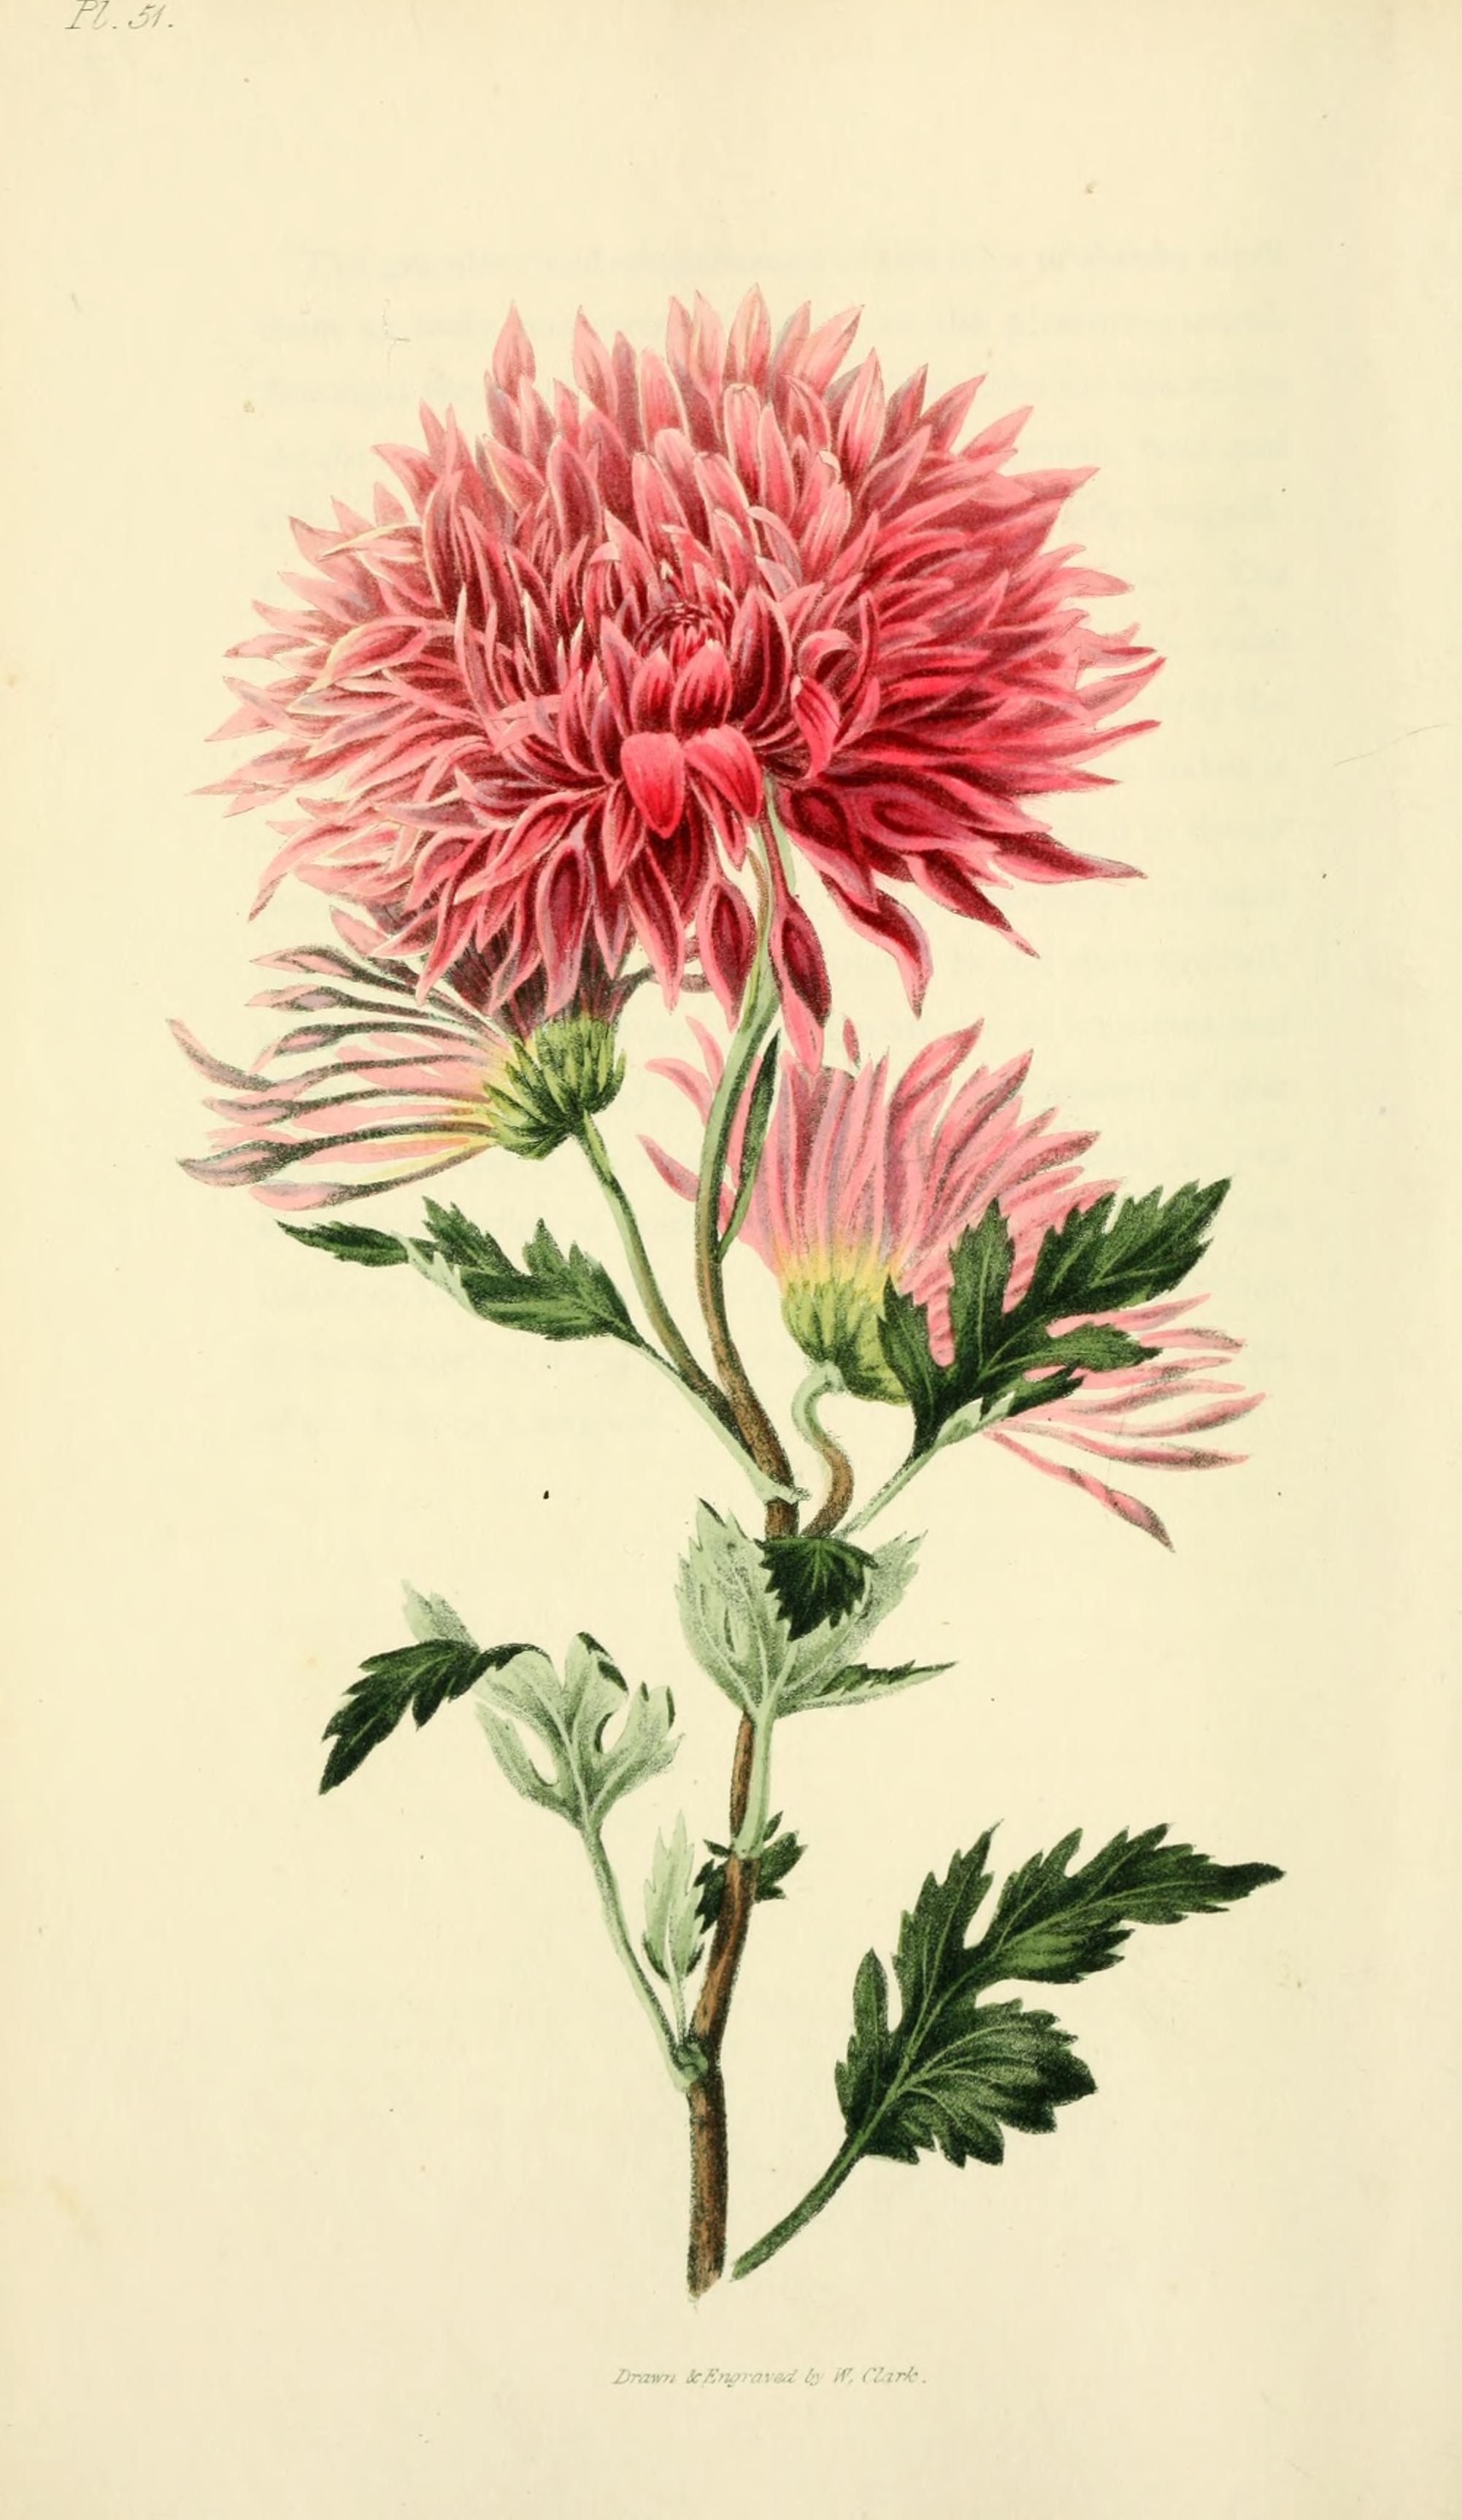 Chrysanthemum Morifolium Ramat Dessins Botaniques